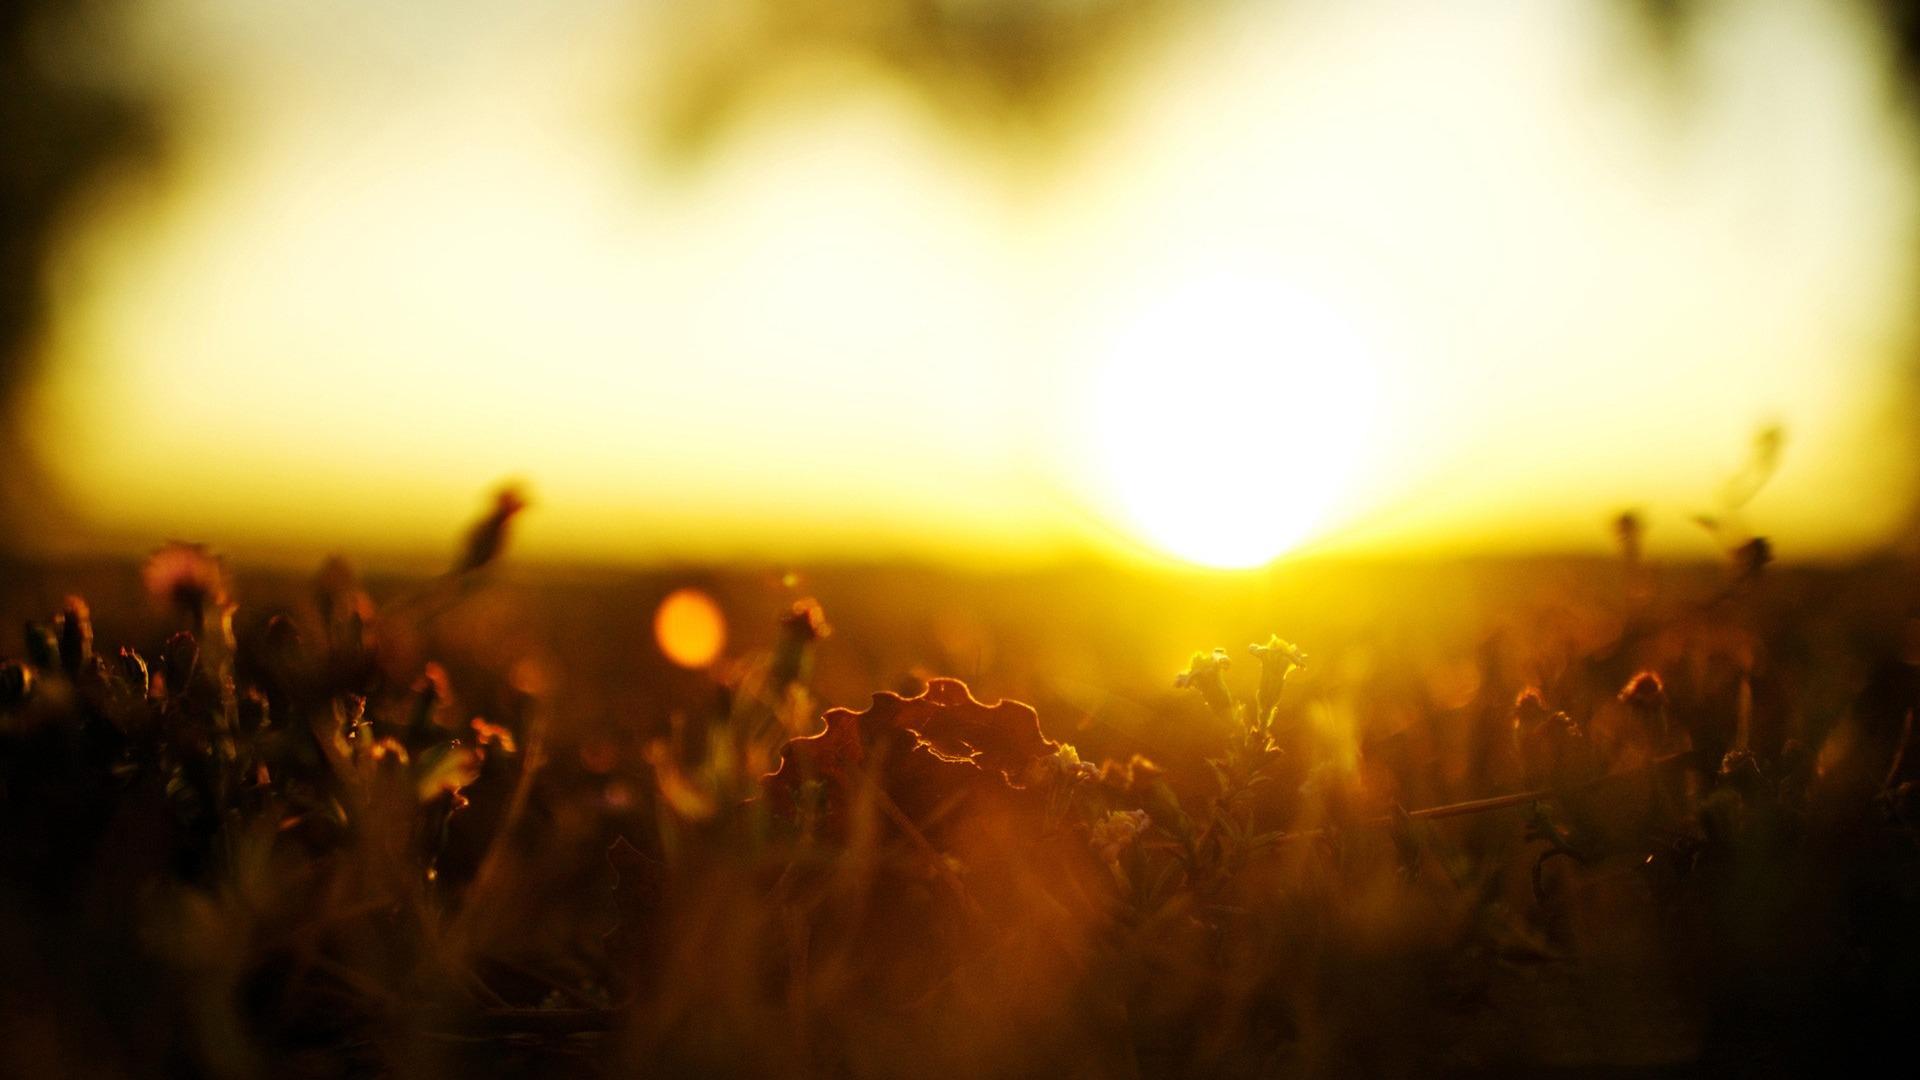 清晨唯美的阳光-植物壁纸 - 1920x1080 壁纸 下载图片